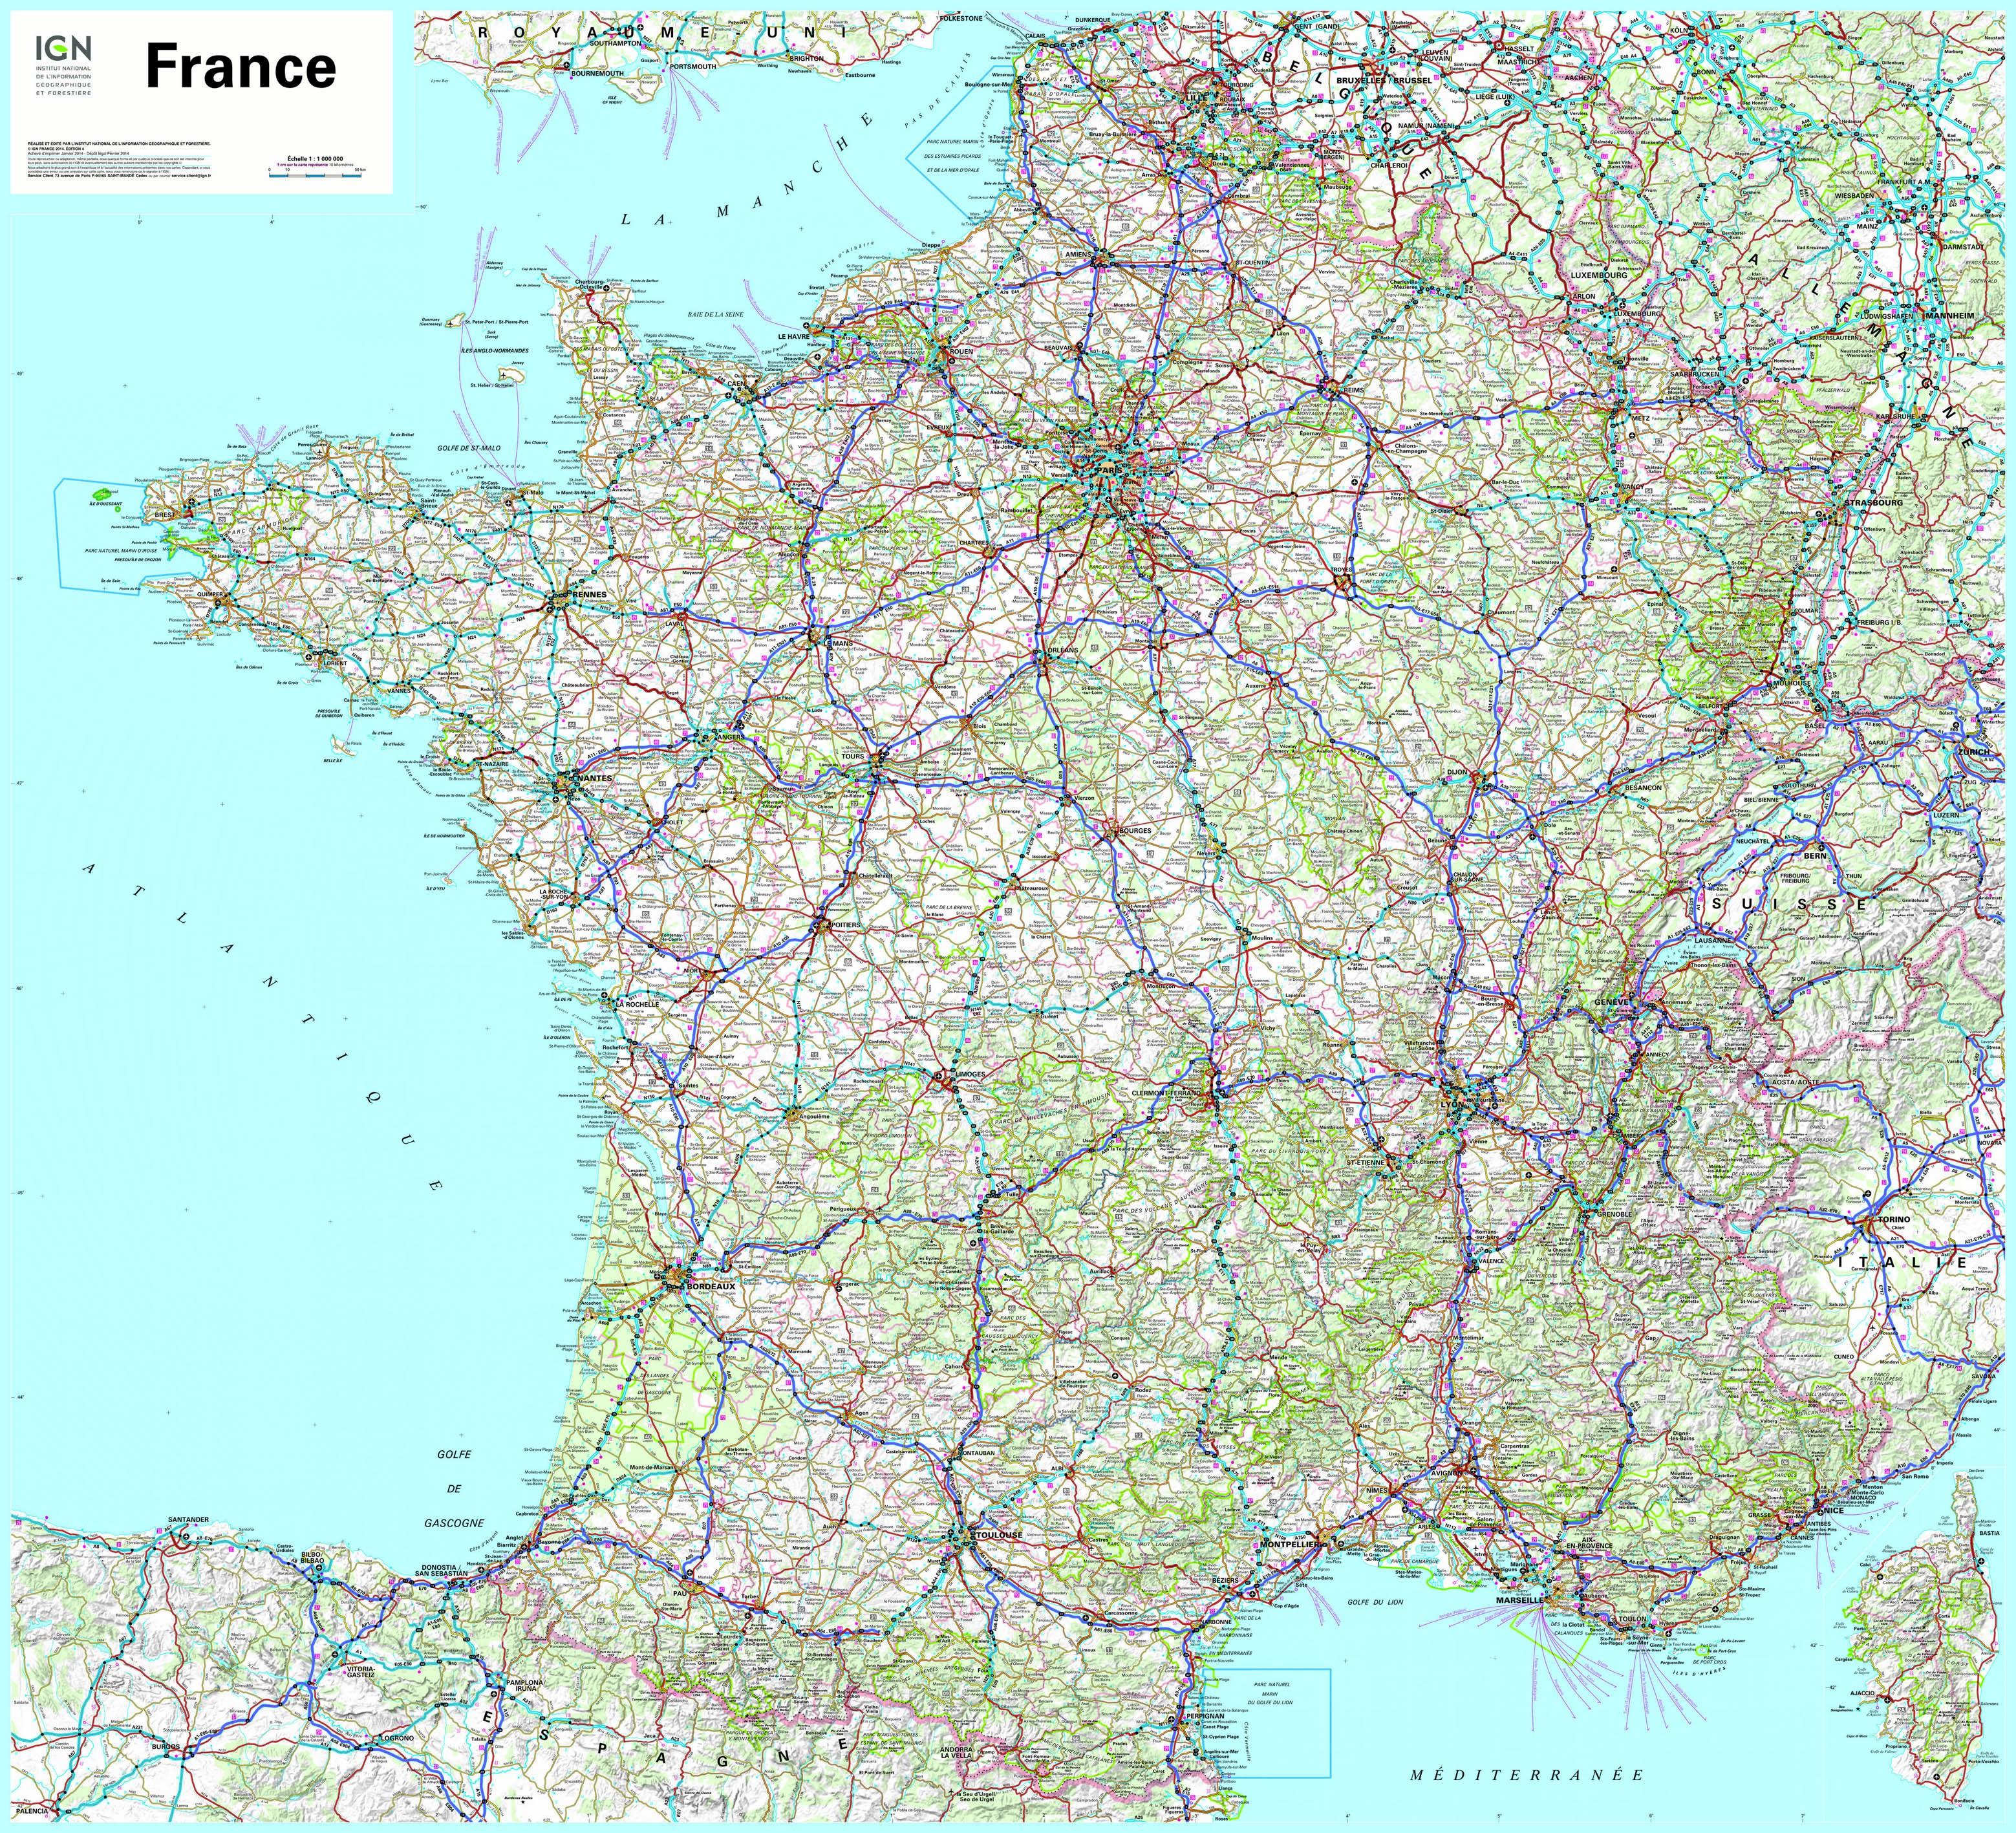 Carte routiere francaise